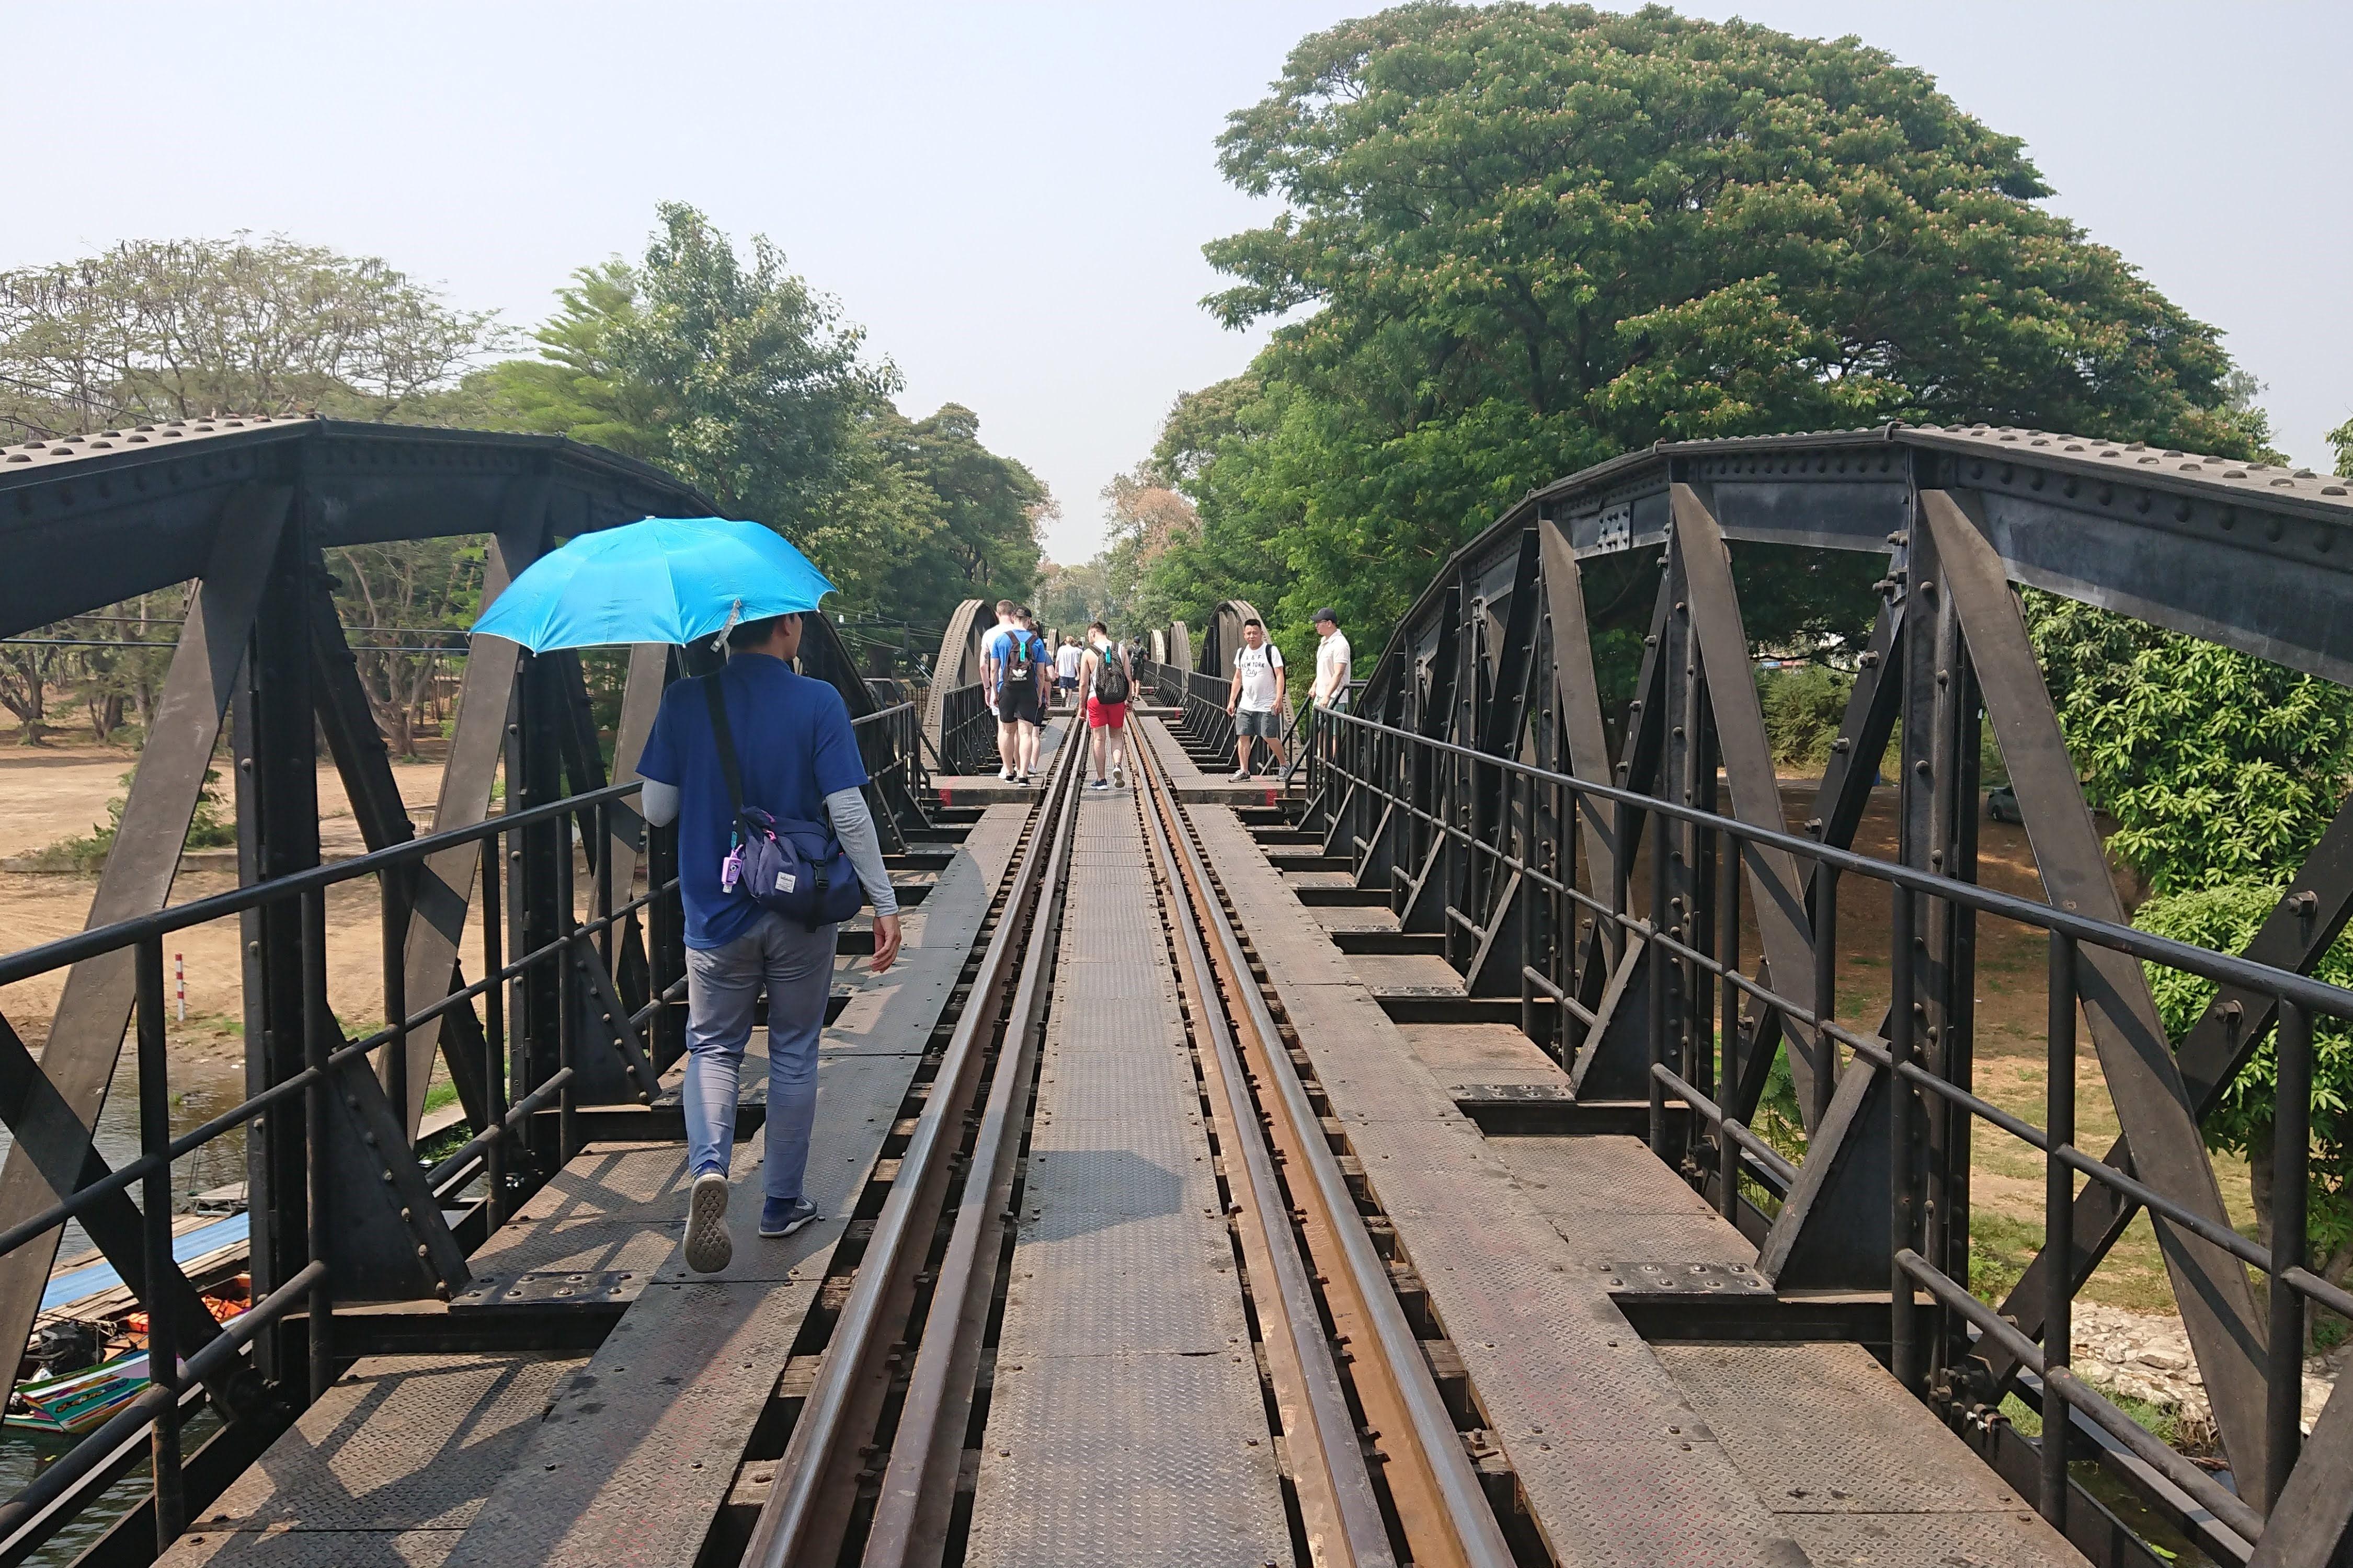 「戦場にかける橋」近辺の散策、鉄橋を悠然と走る泰麺鉄道を鑑賞